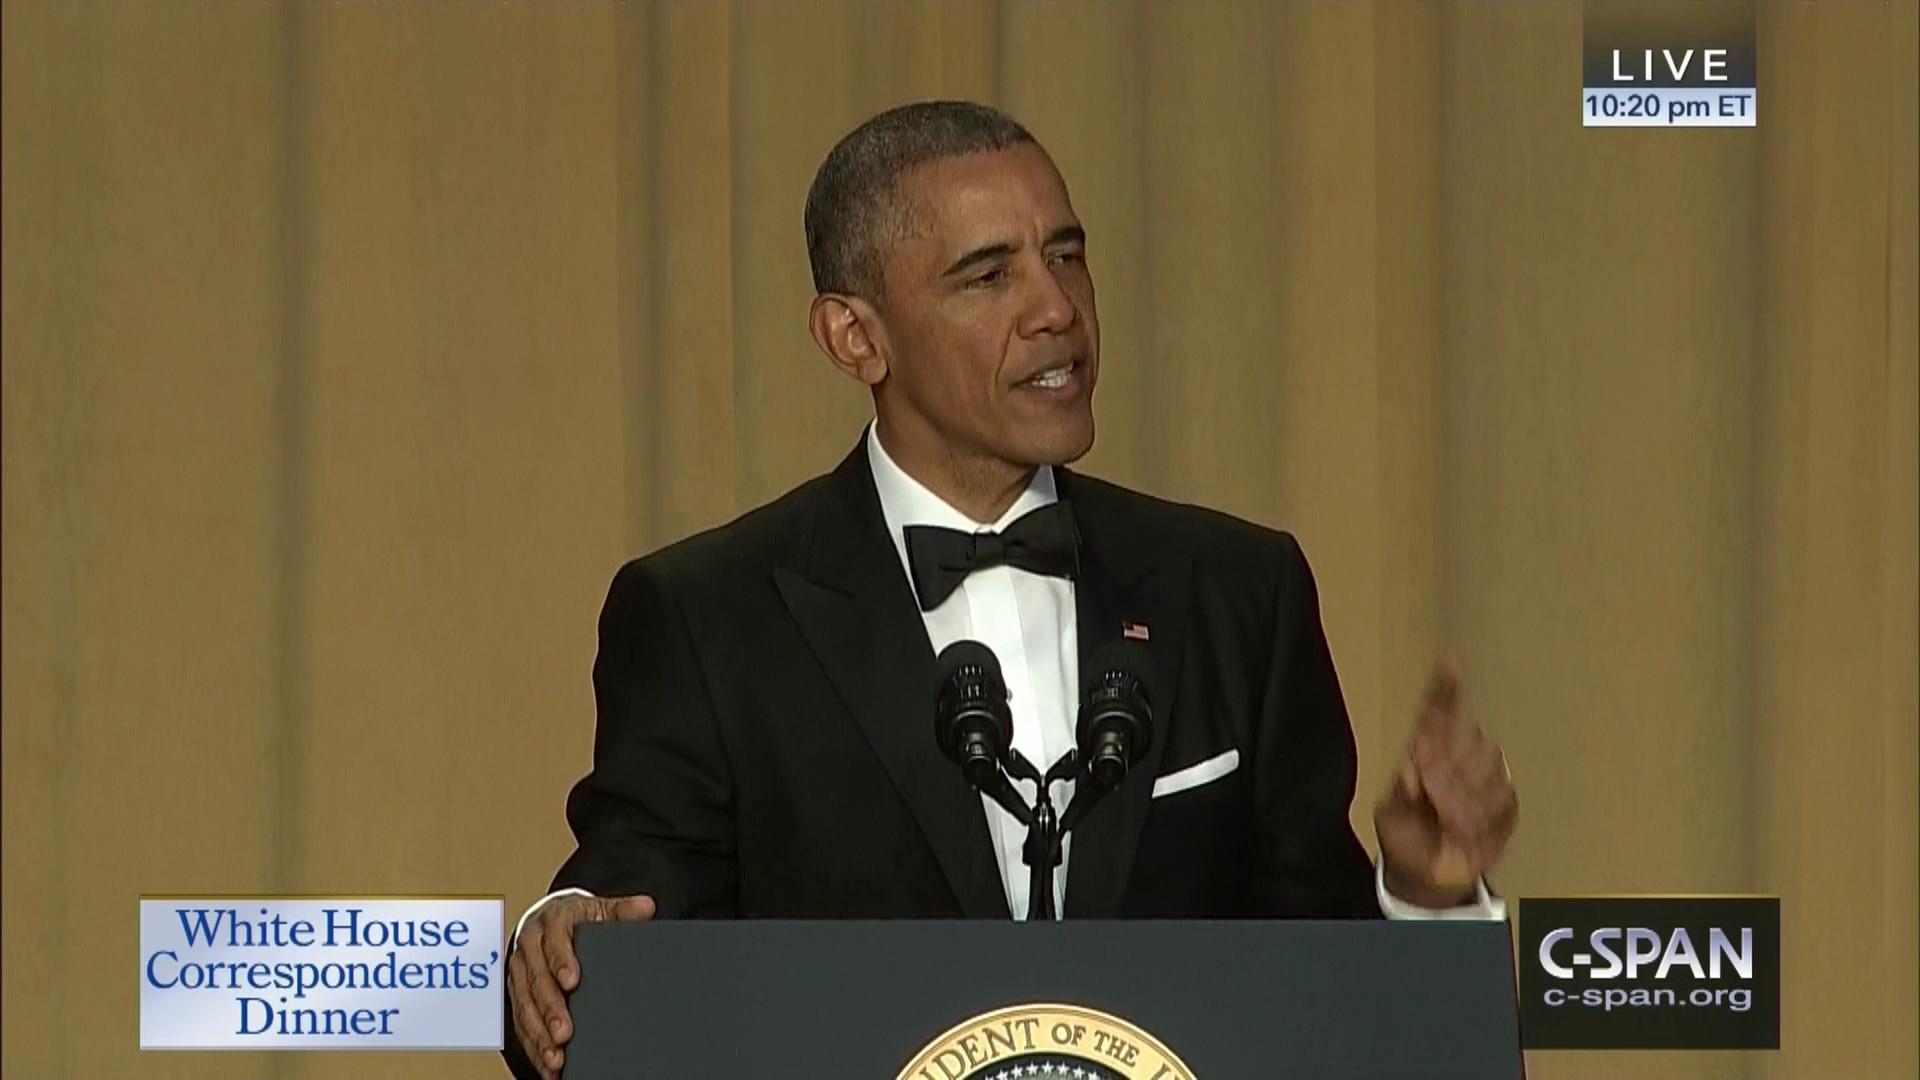 Obama drops a Burning Man joke